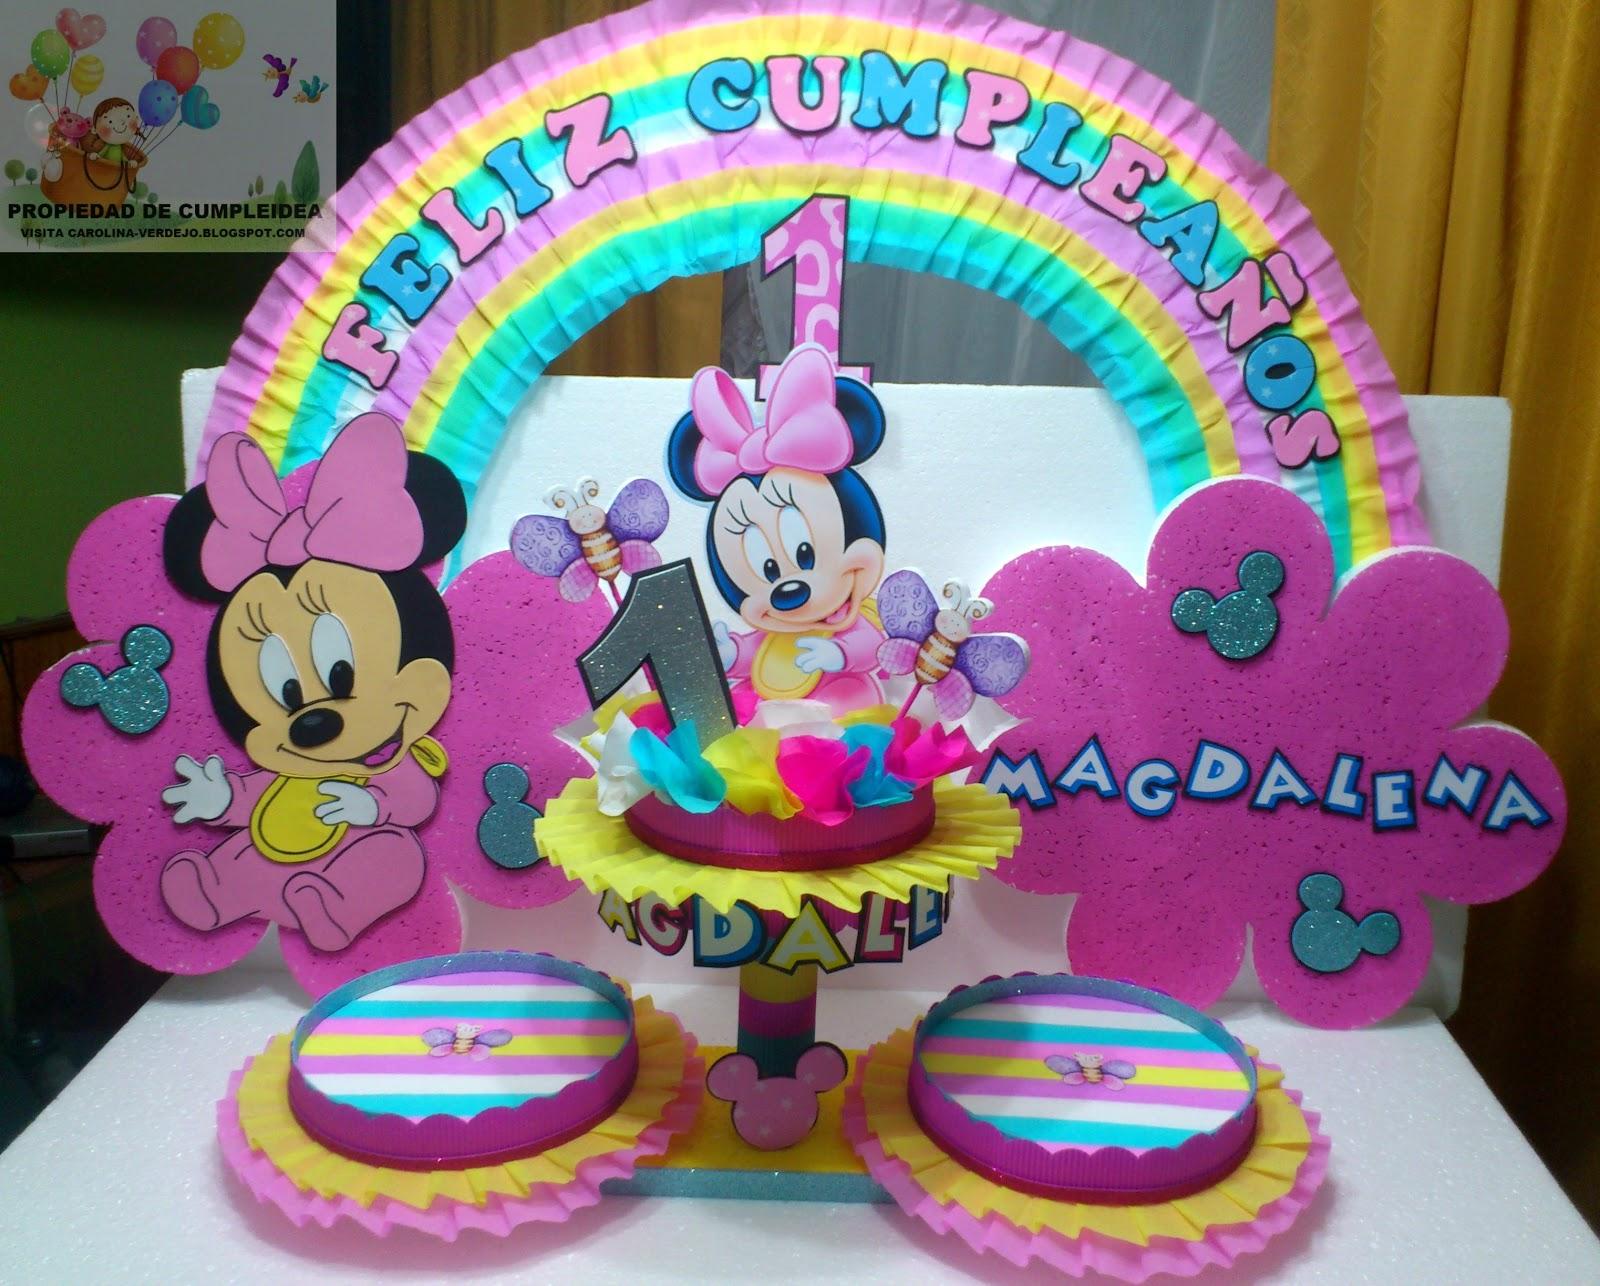 decoraciones infantiles noviembre 2012